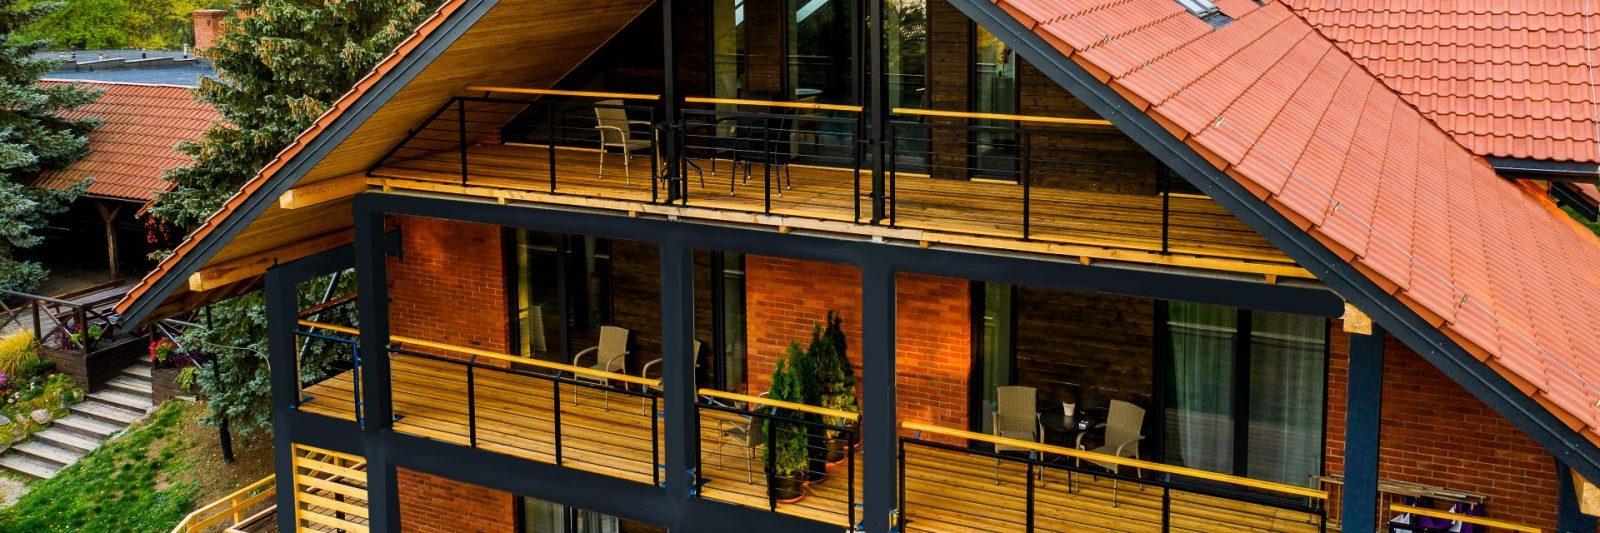 Nowy budynek hotelowy - zapraszamy na rodzinny wypoczynek